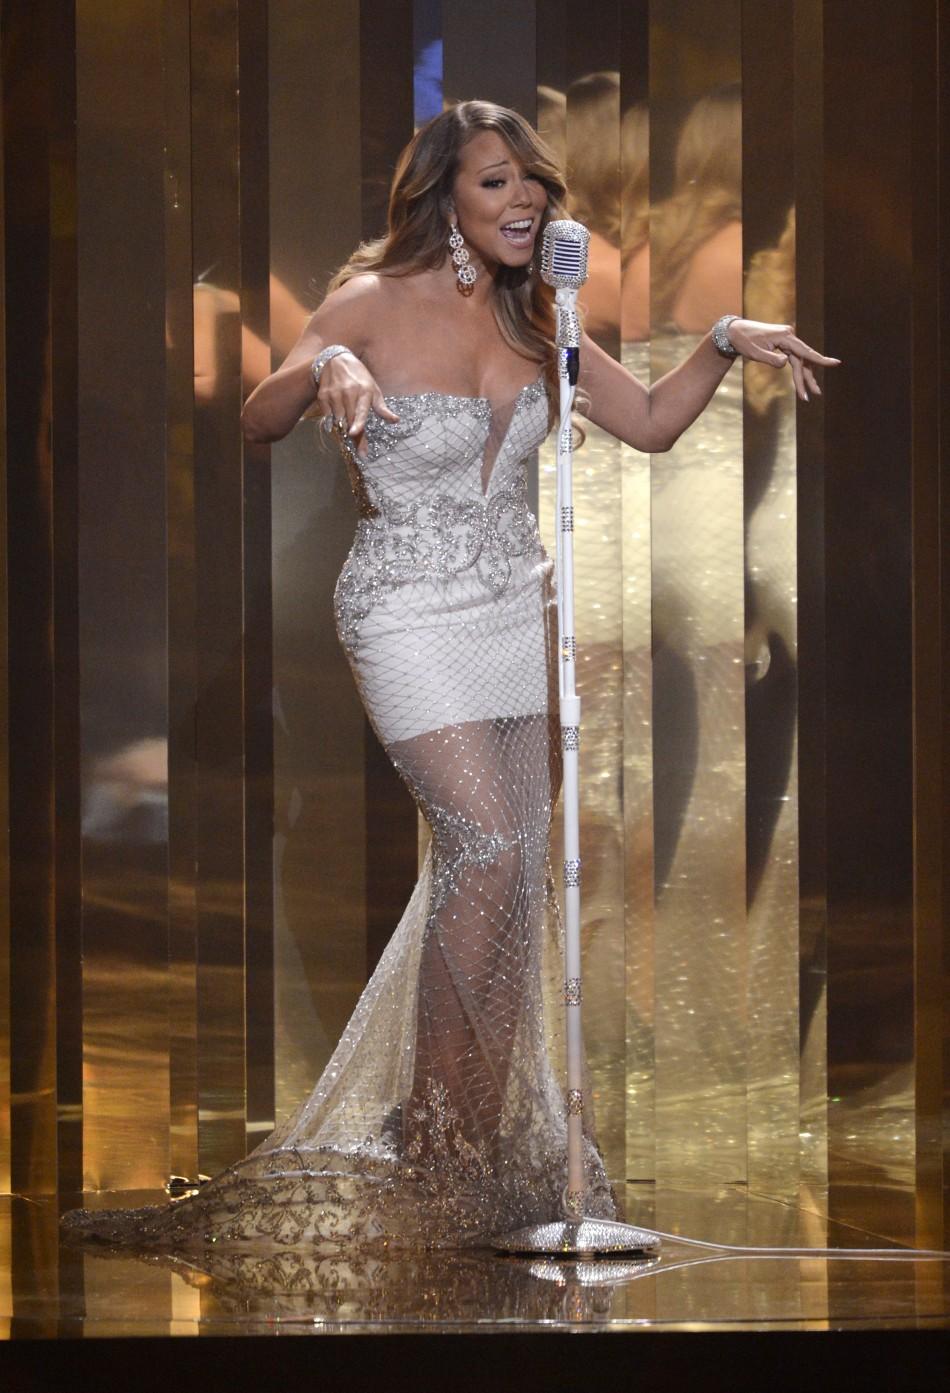 Bet Awards 2013 Jordin Sparks Amber Rose Gabby Douglas